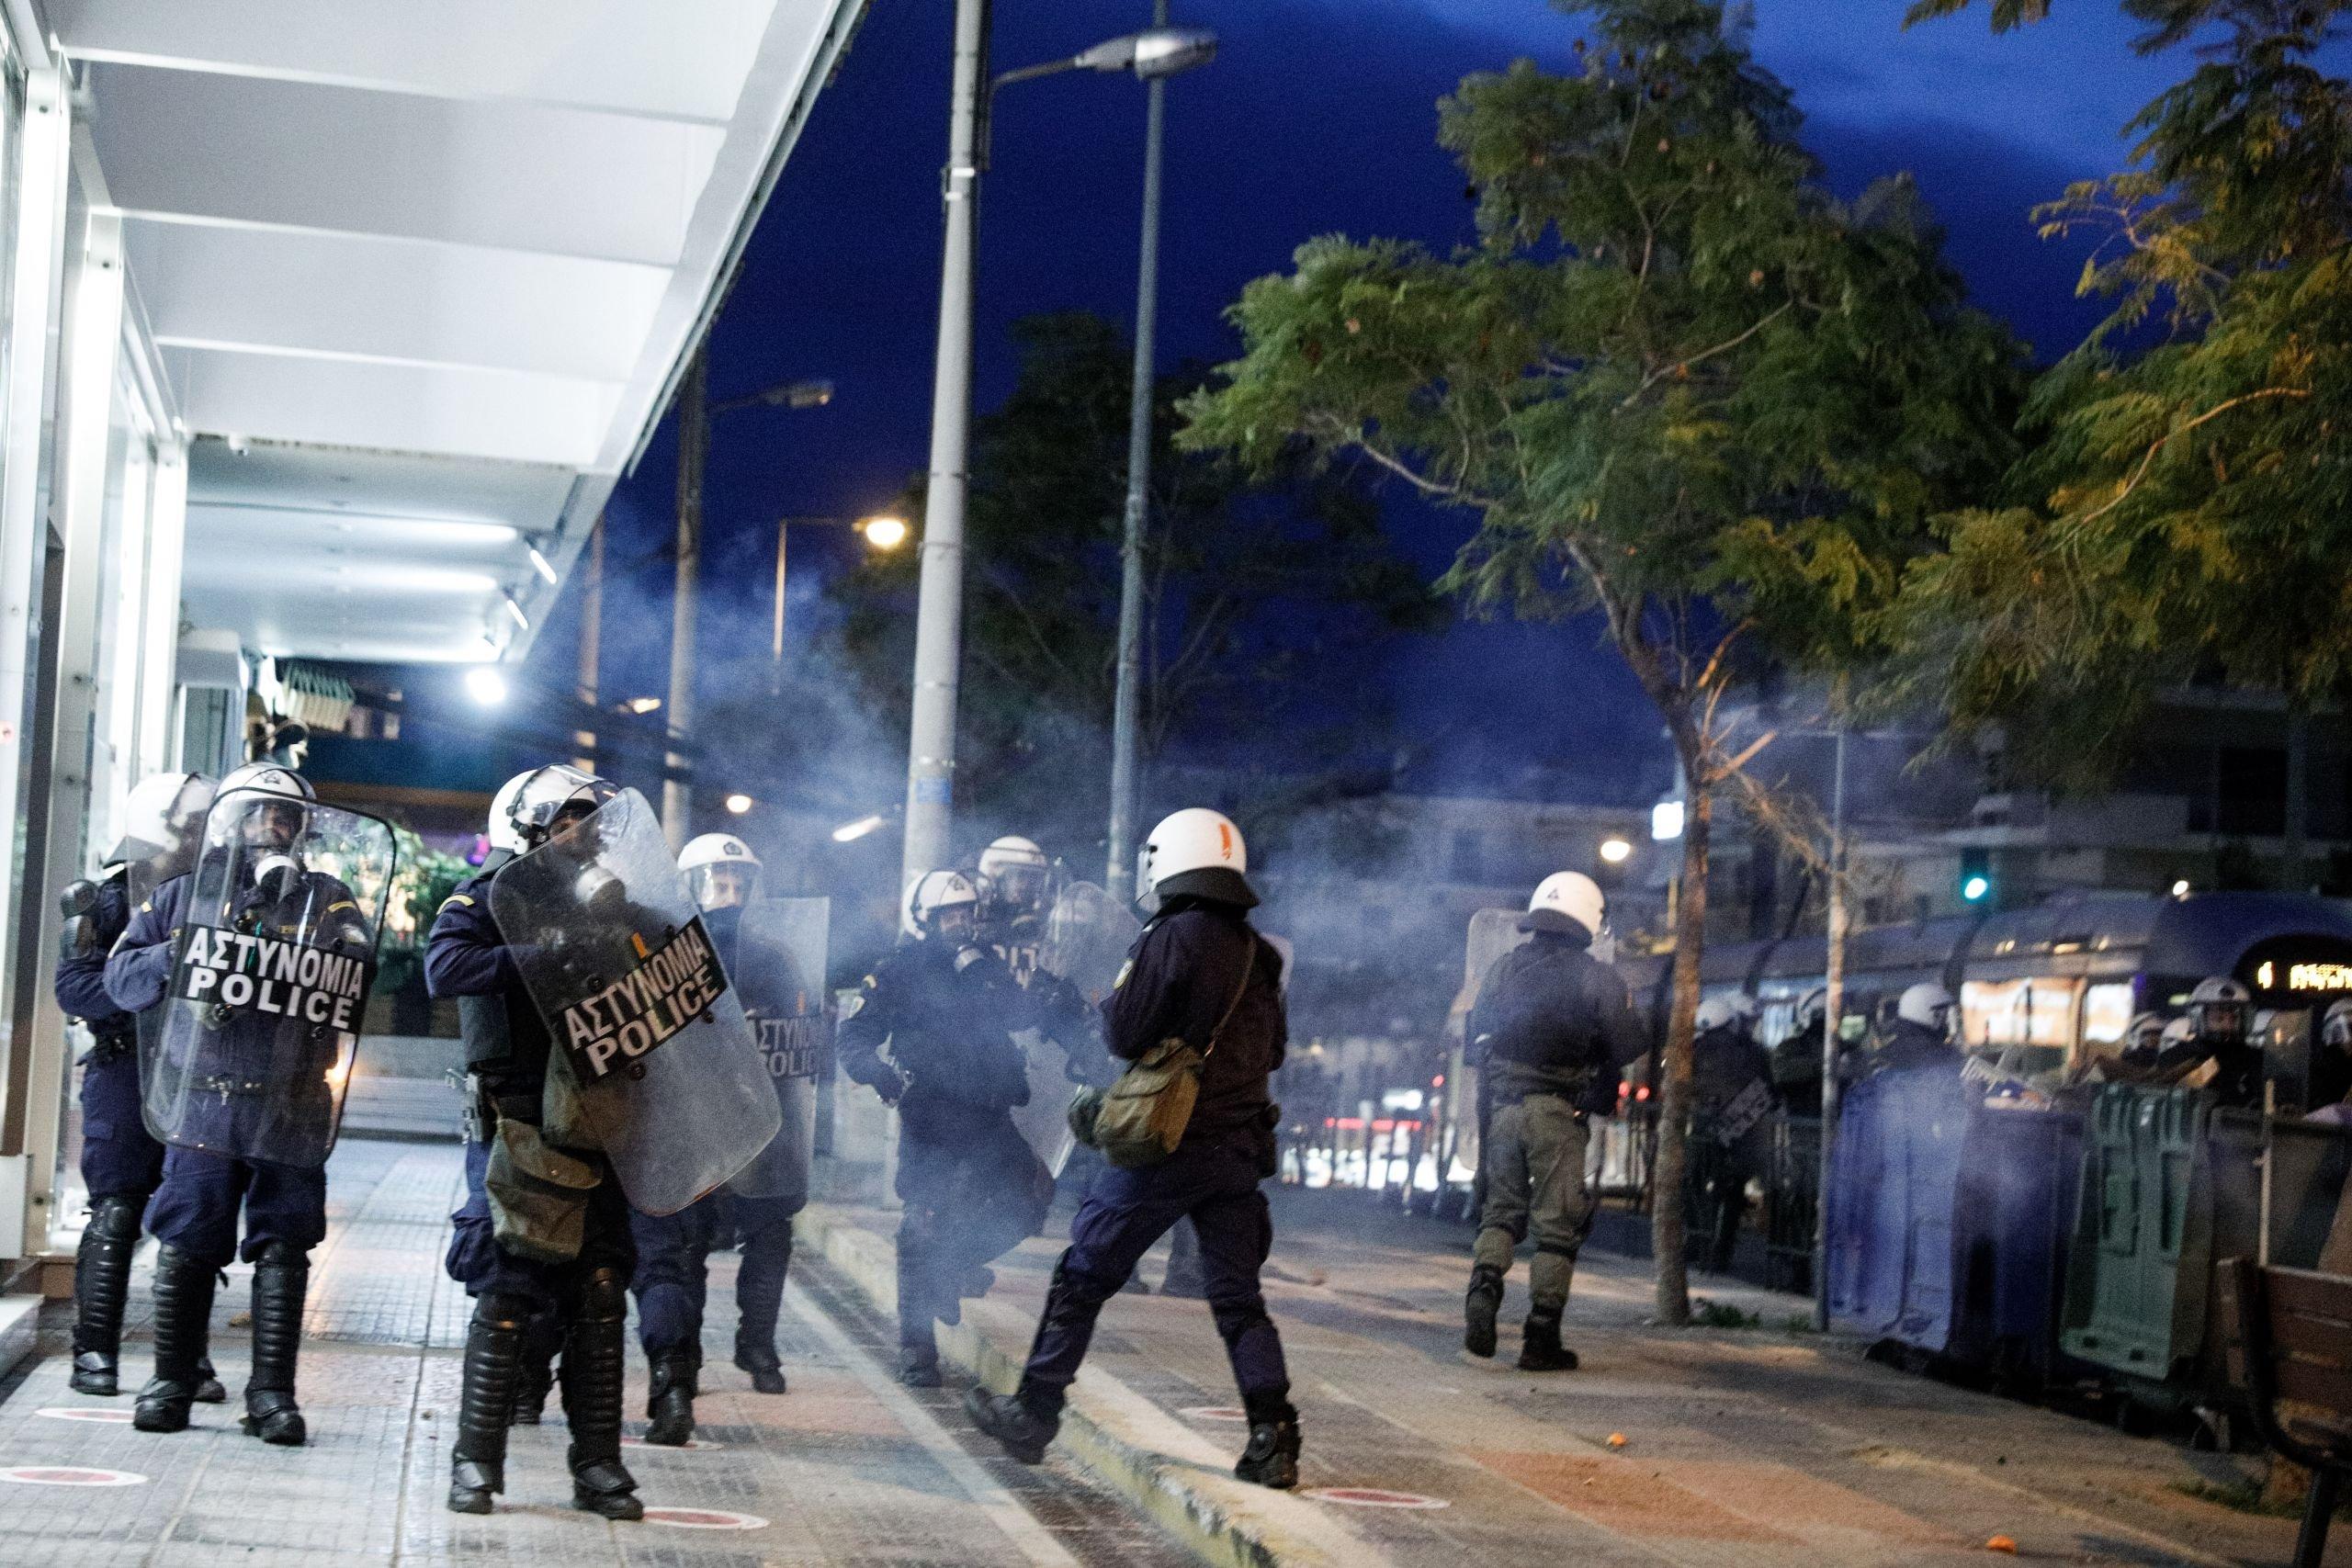 Χρυσοχοΐδης για Νέα Σμύρνη: Η αστυνομική βία δεν δικαιολογείται